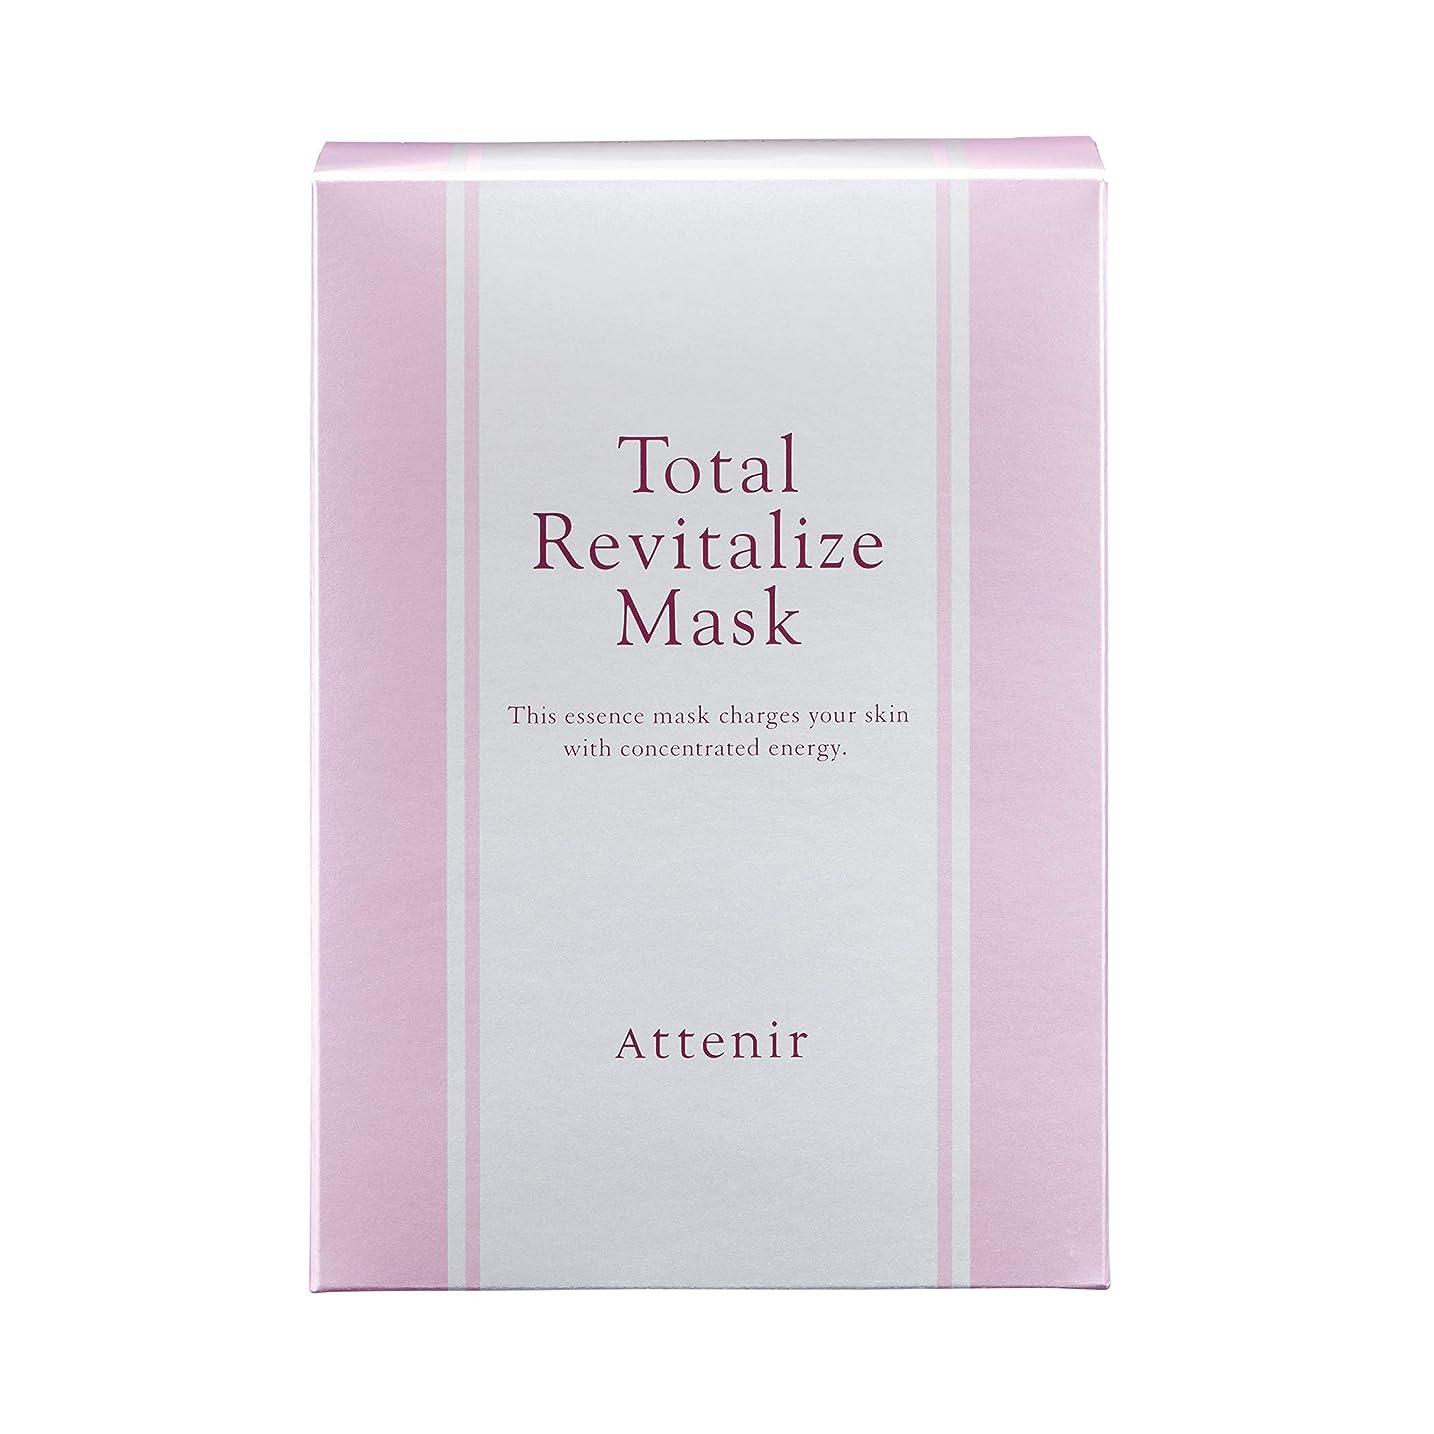 マグ叫ぶ残酷なアテニア トータルリヴァイタライズ マスク肌疲労ケアシートマスク 全顔用 6包入り